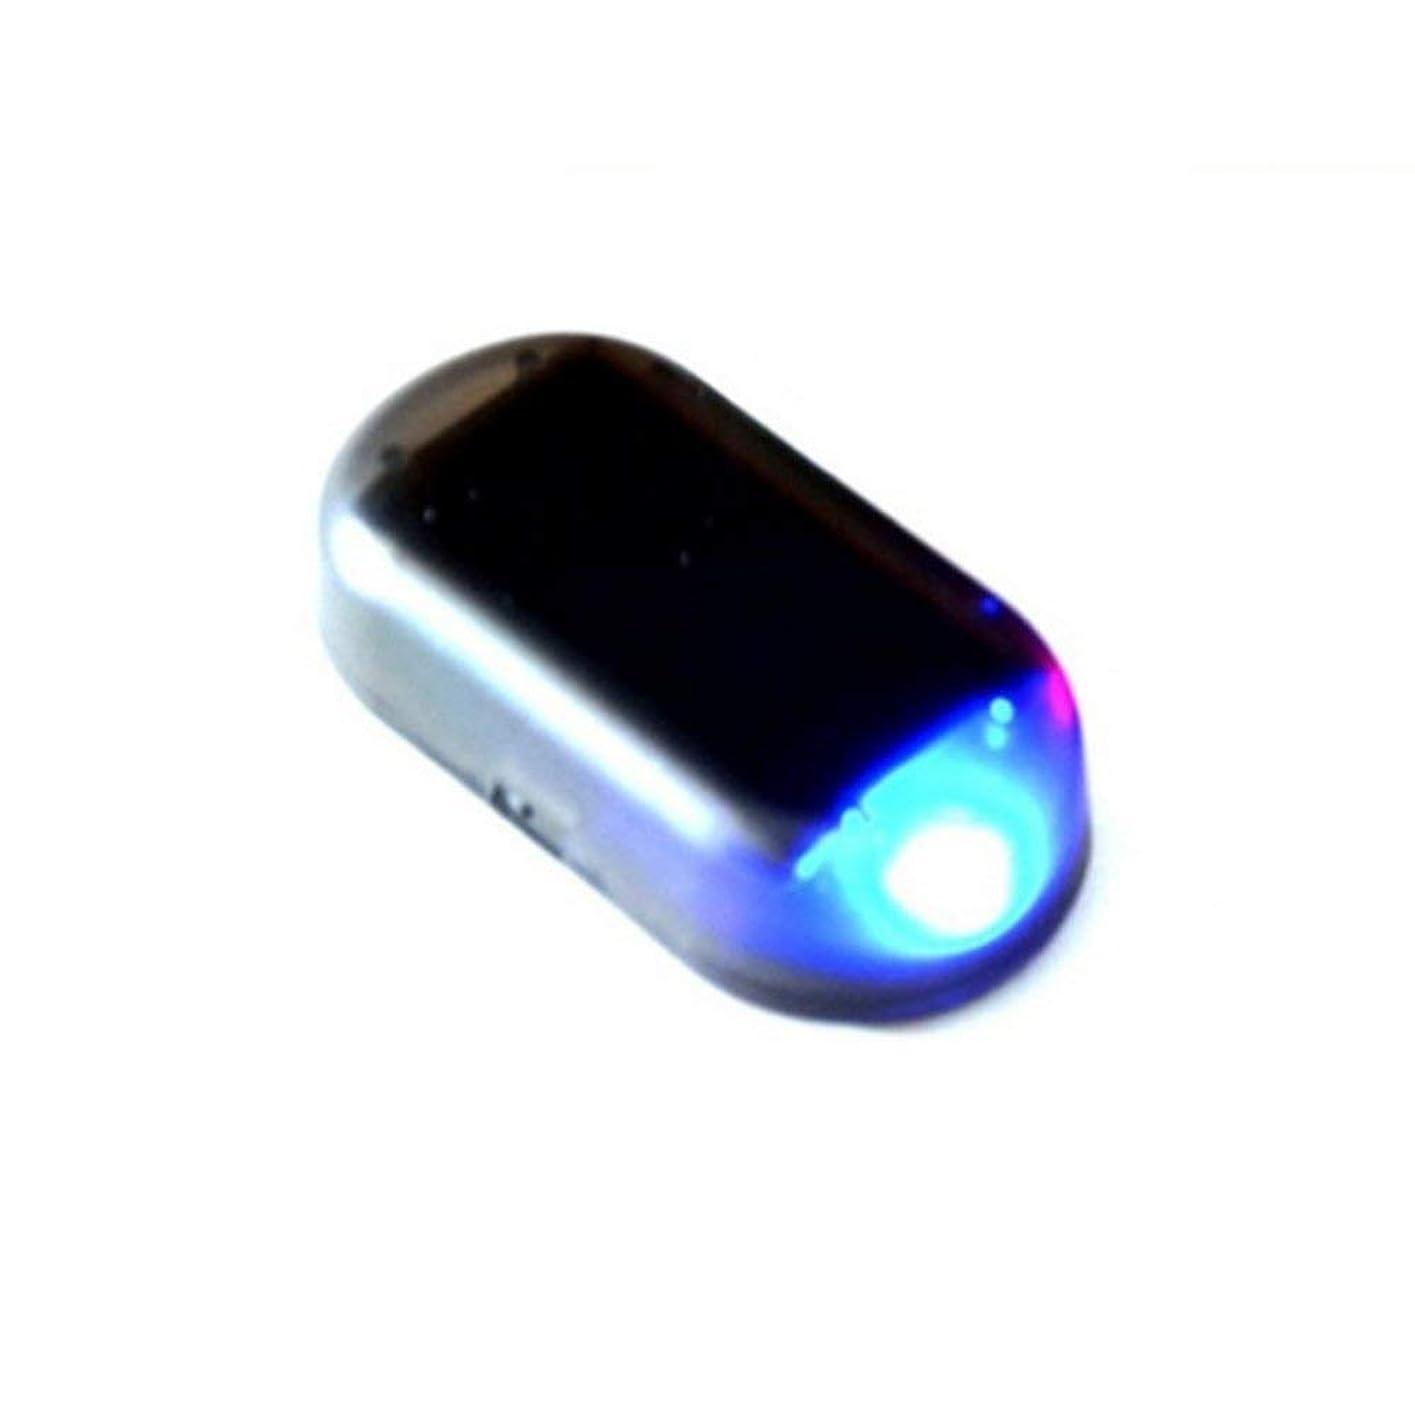 対象貢献解体する車のソーラーアラーム ダミー セキュリティライト シミュレートされた模倣の警告 アンチ盗難点滅点滅 (青い)